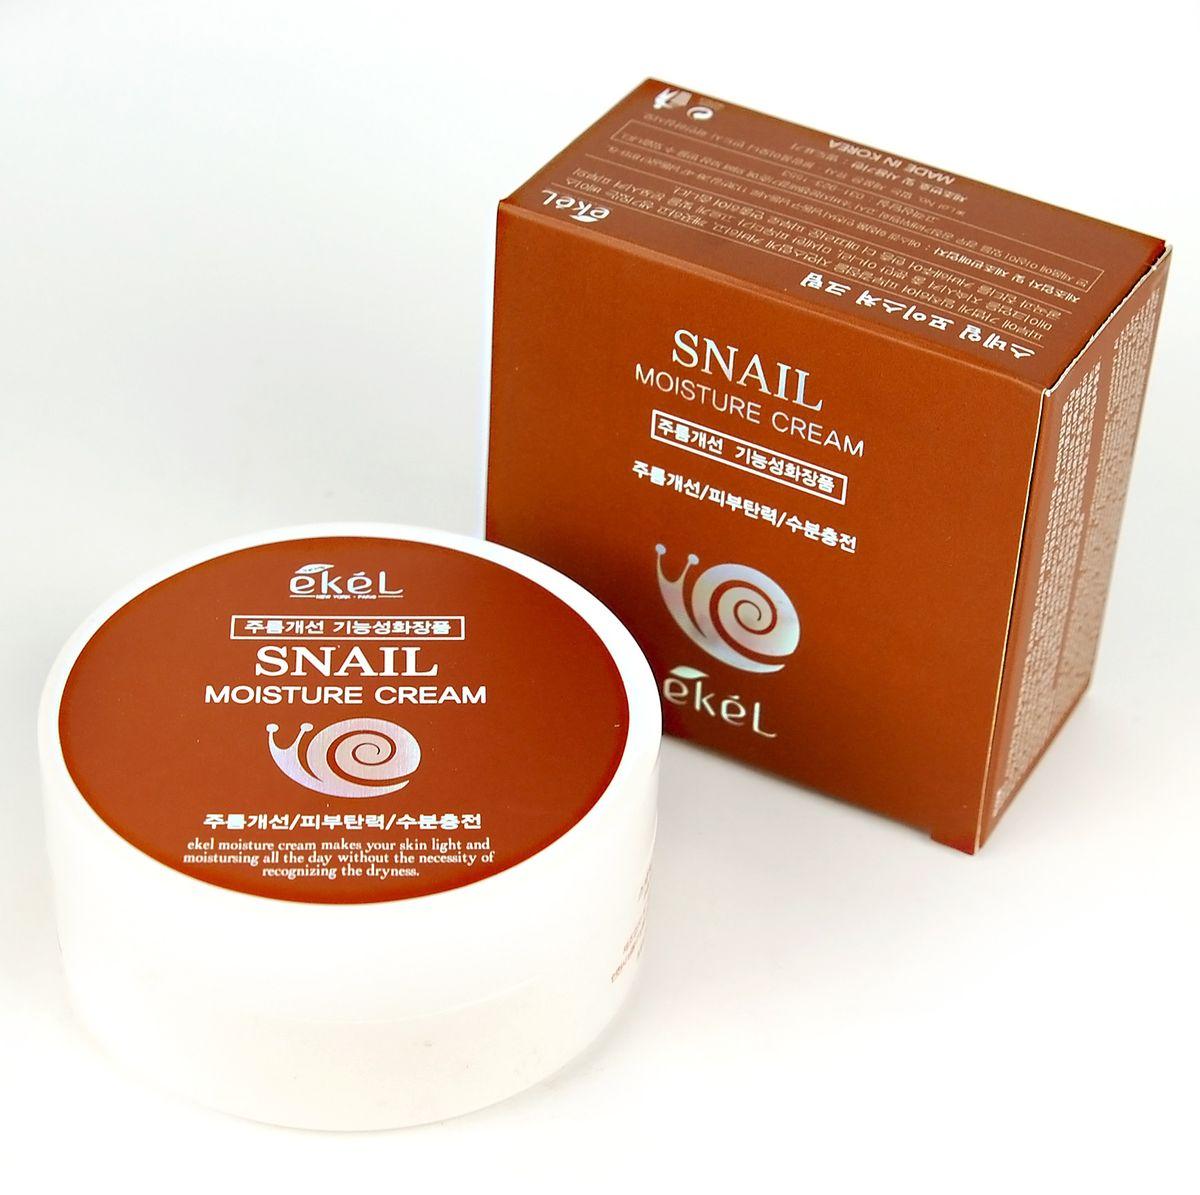 Ekel Увлажняющий крем с муцином улитки, 100 мл537221Высокая концентрация полезных для кожи веществ в креме с улиточным муцином сделает вашу кожу гладкой, шелковистой и упругой. Фильтрат секреции улитки решает ряд проблем разных типов кожи. Снижает жирность, предотвращает появление блеска. Увлажняет и питает сухую кожу, насыщая ее влагой, придавая упругости и тонуса. Увядающей коже помогает бороться с признаками усталости, разглаживает мелкие морщинки, придает свежий и отдохнувший вид. Крем с улиточным муцином обладает плотной консистенцией, хорошо распределяется по коже, быстро впитывается, не оставляя жирной пленки. Крем питает и увлажняет, борется с возрастными изменениями кожи, создает защитный барьер, препятствующий обветриванию, ожогам и прочим неблагоприятным воздействиям окружающей среды.